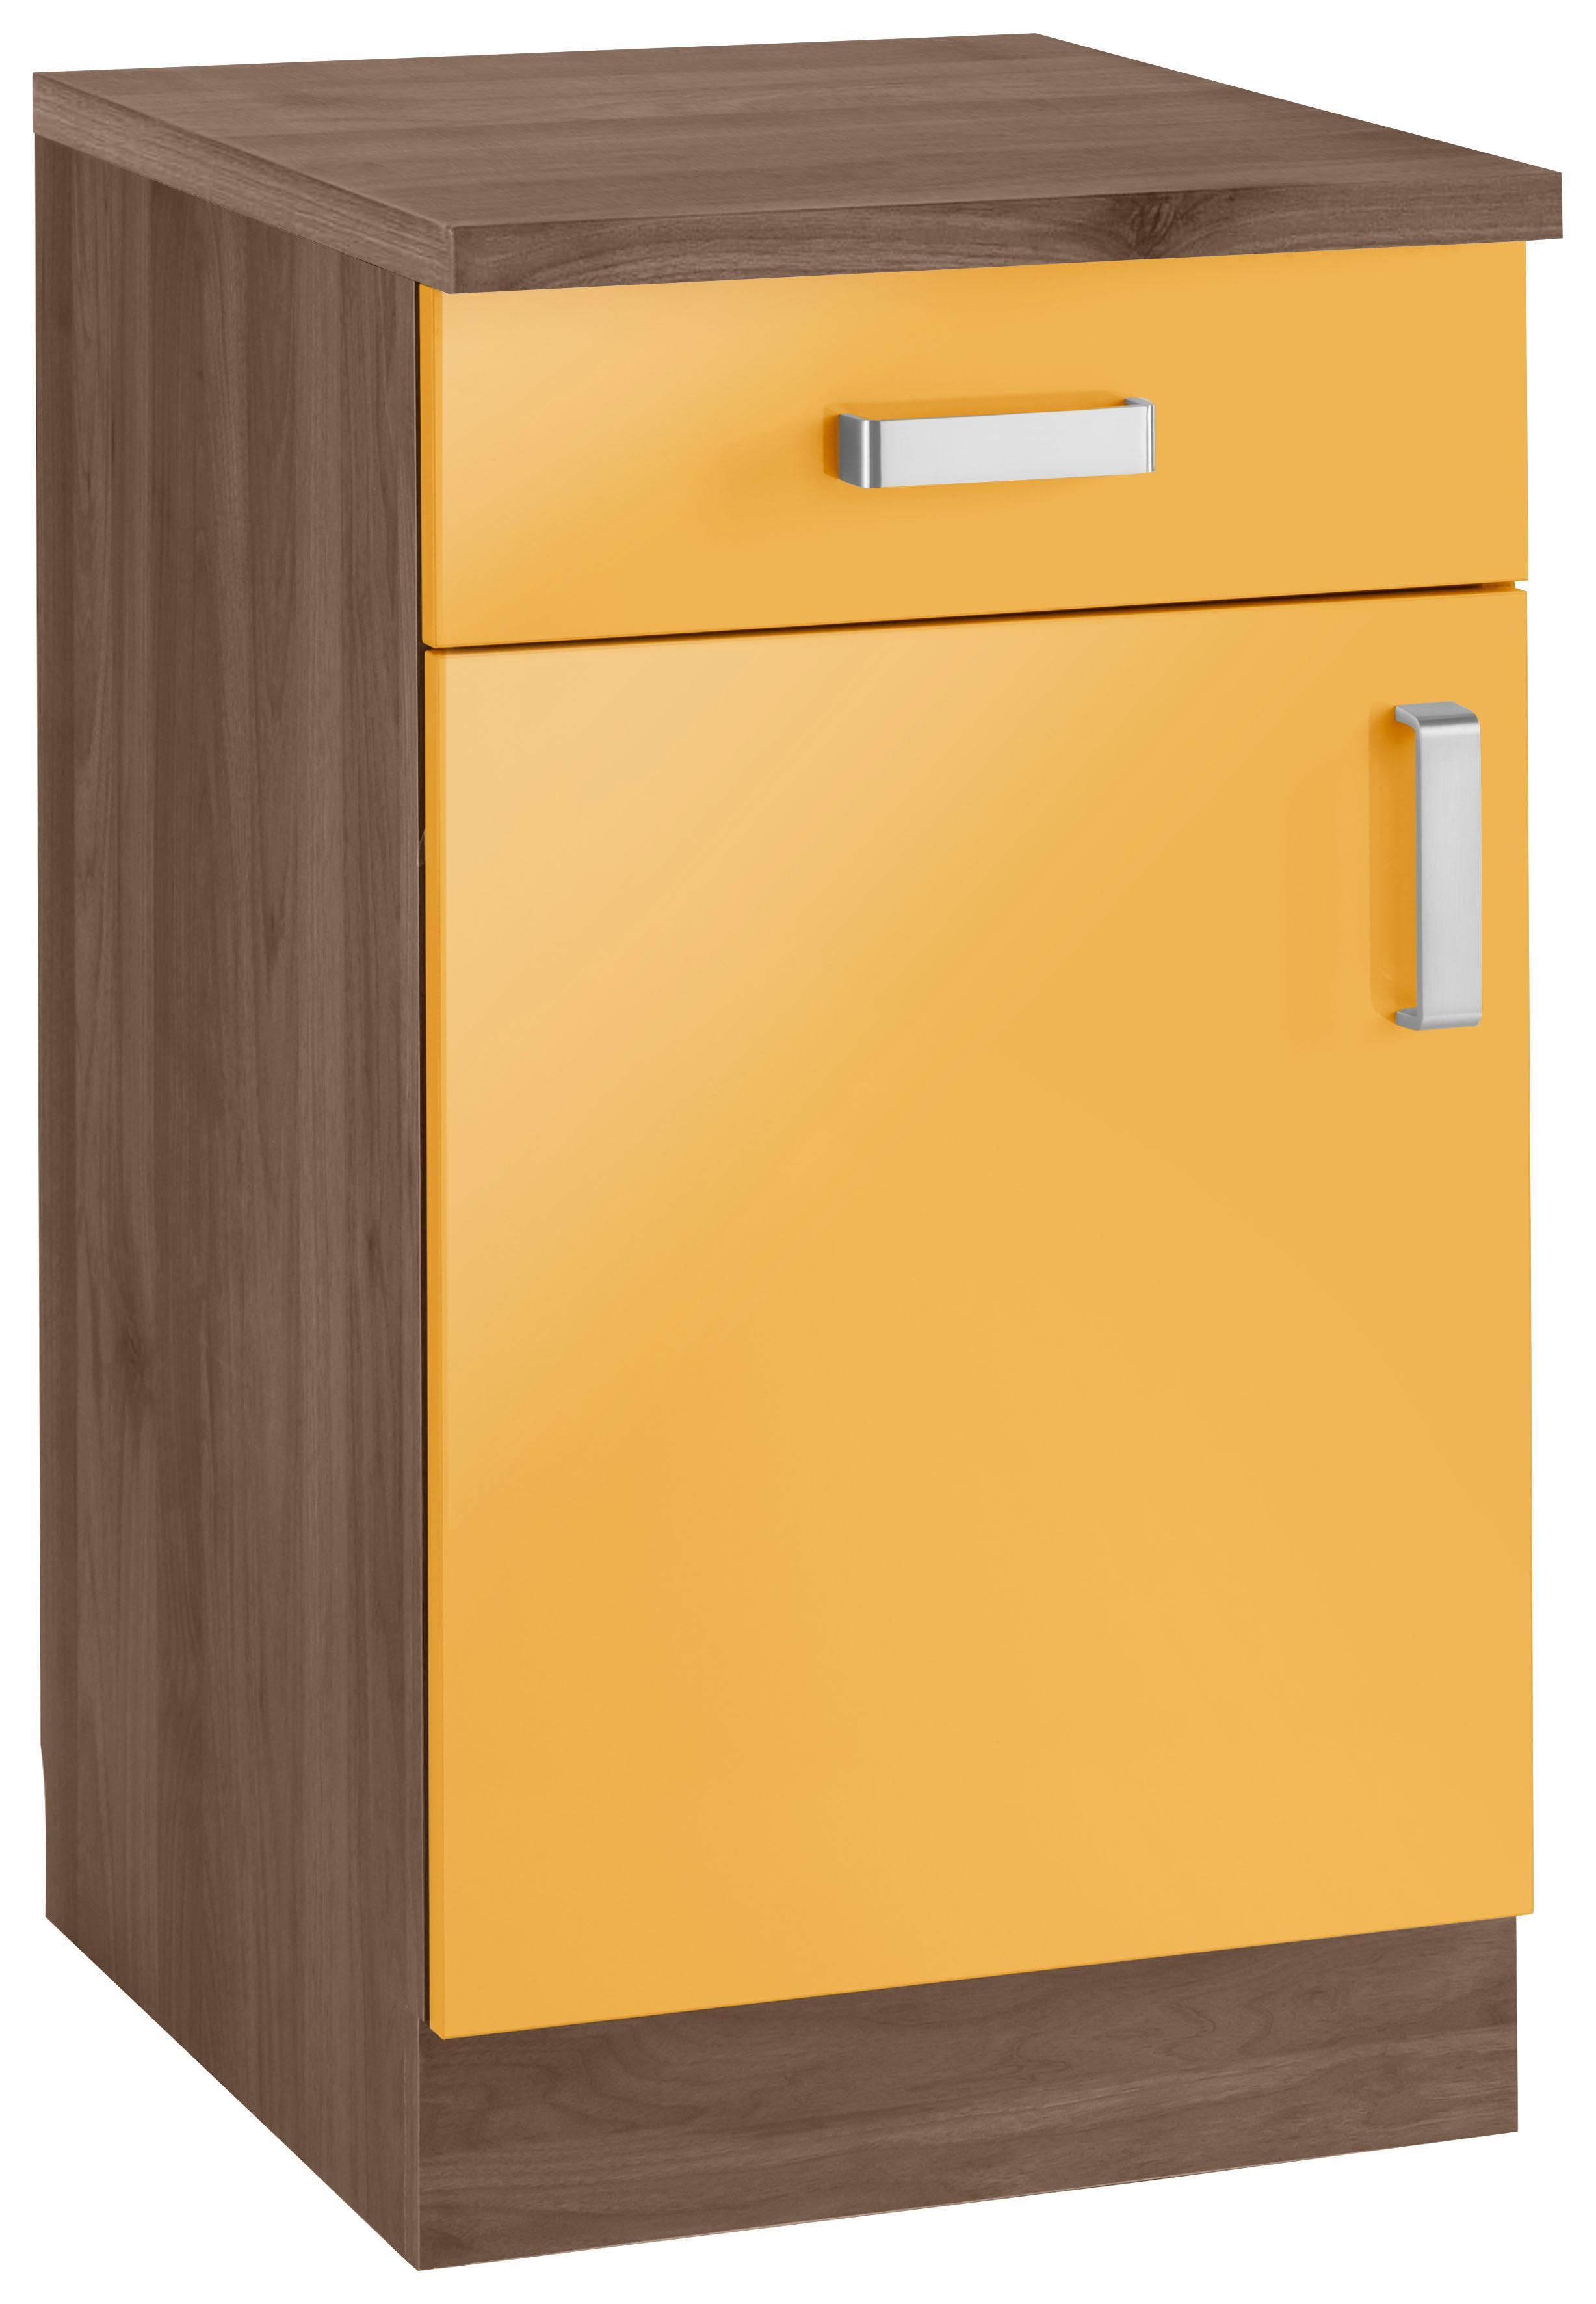 Wiho Küchen Unterschrank Tacoma Breite 50 Cm Bestellen Baur